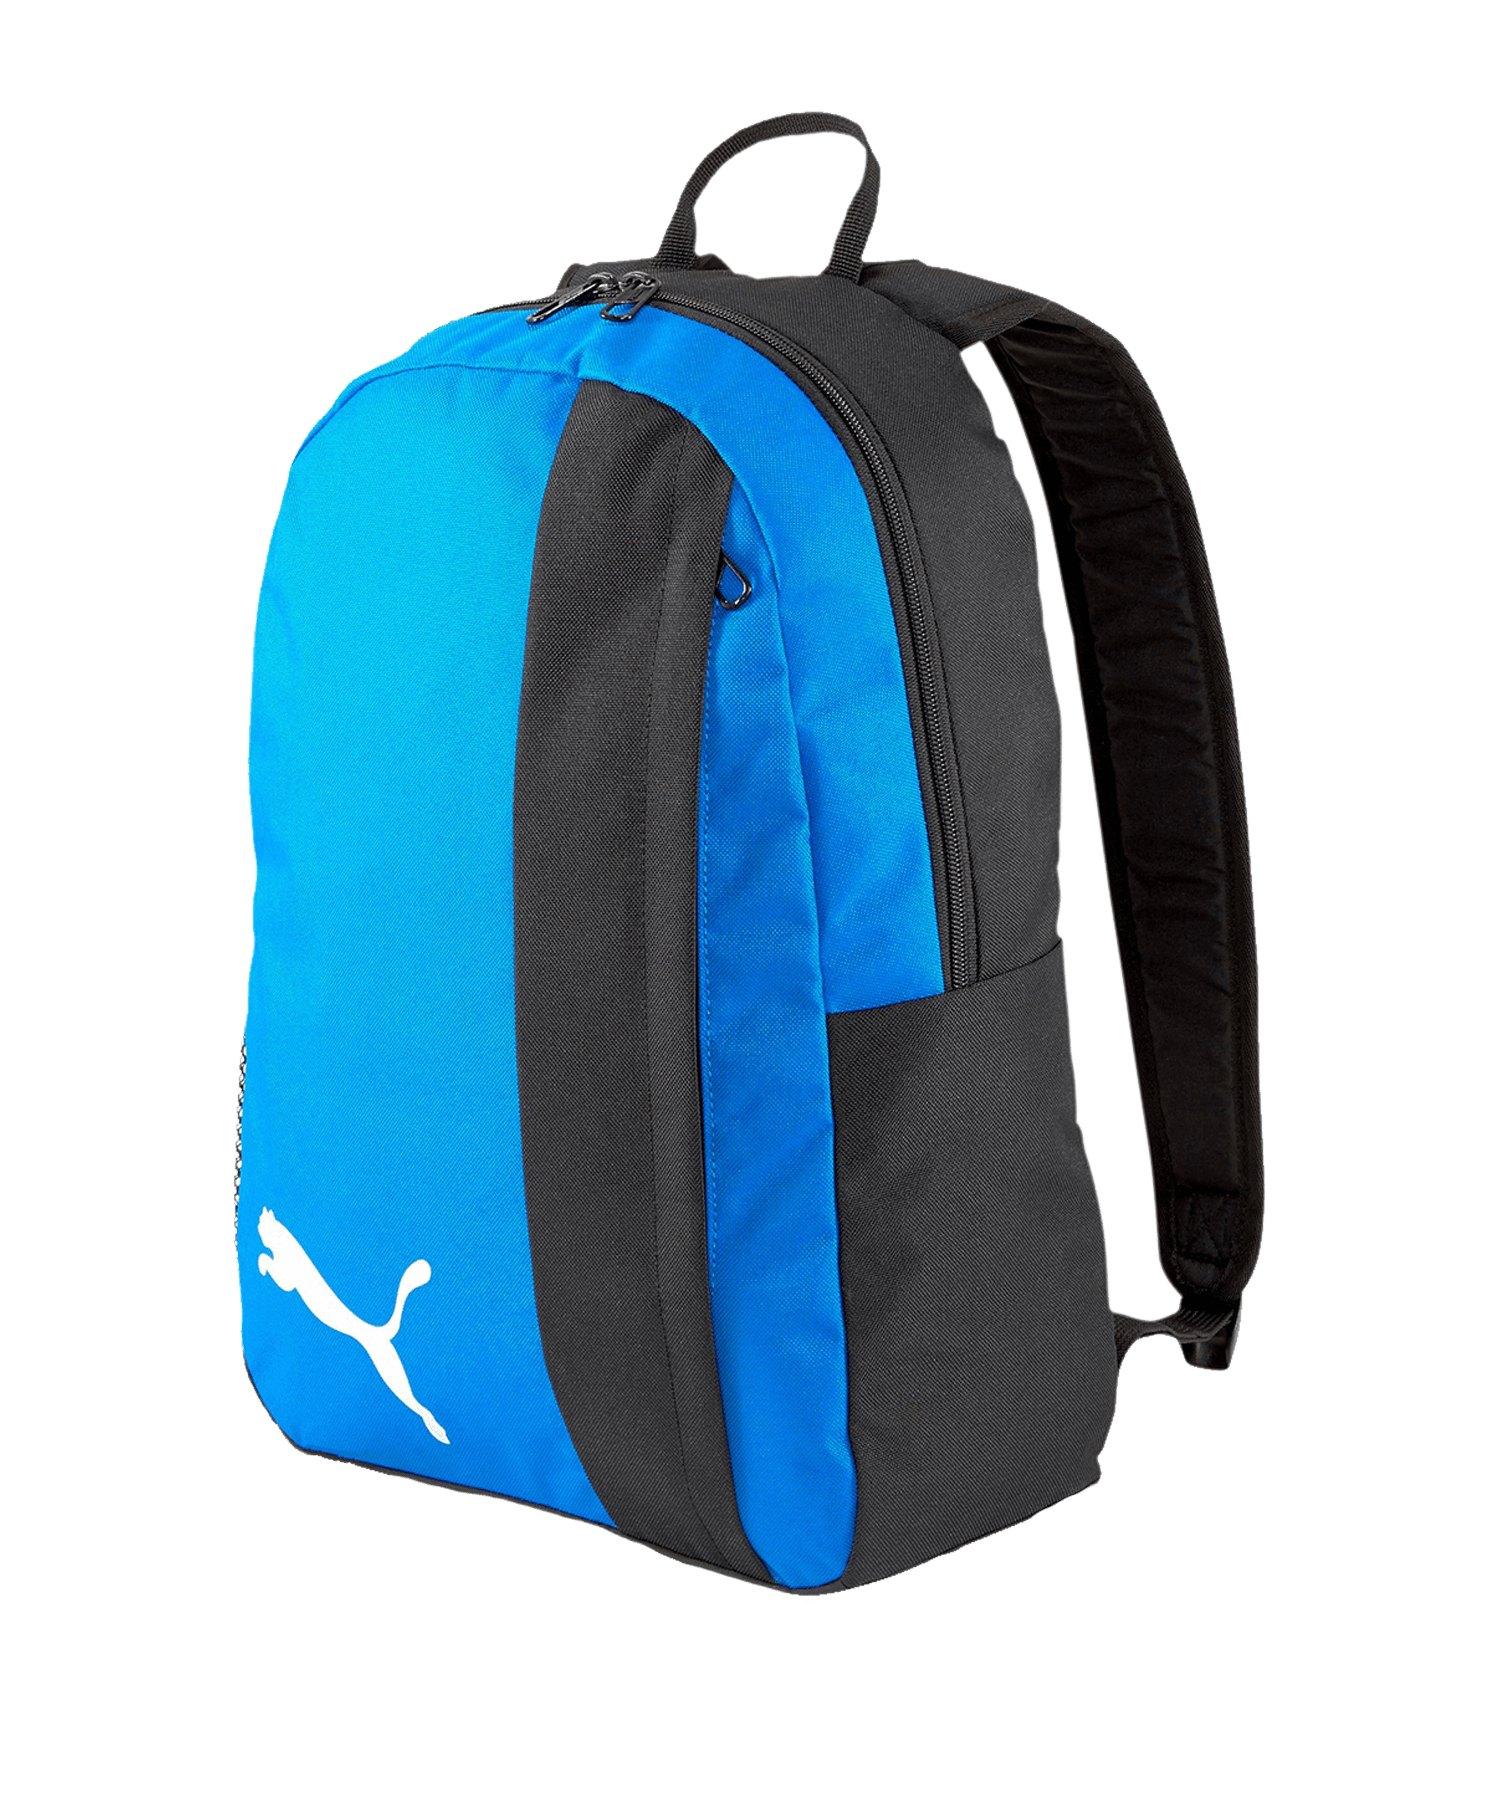 PUMA teamGOAL 23 Backpack Rucksack Blau F02 - blau